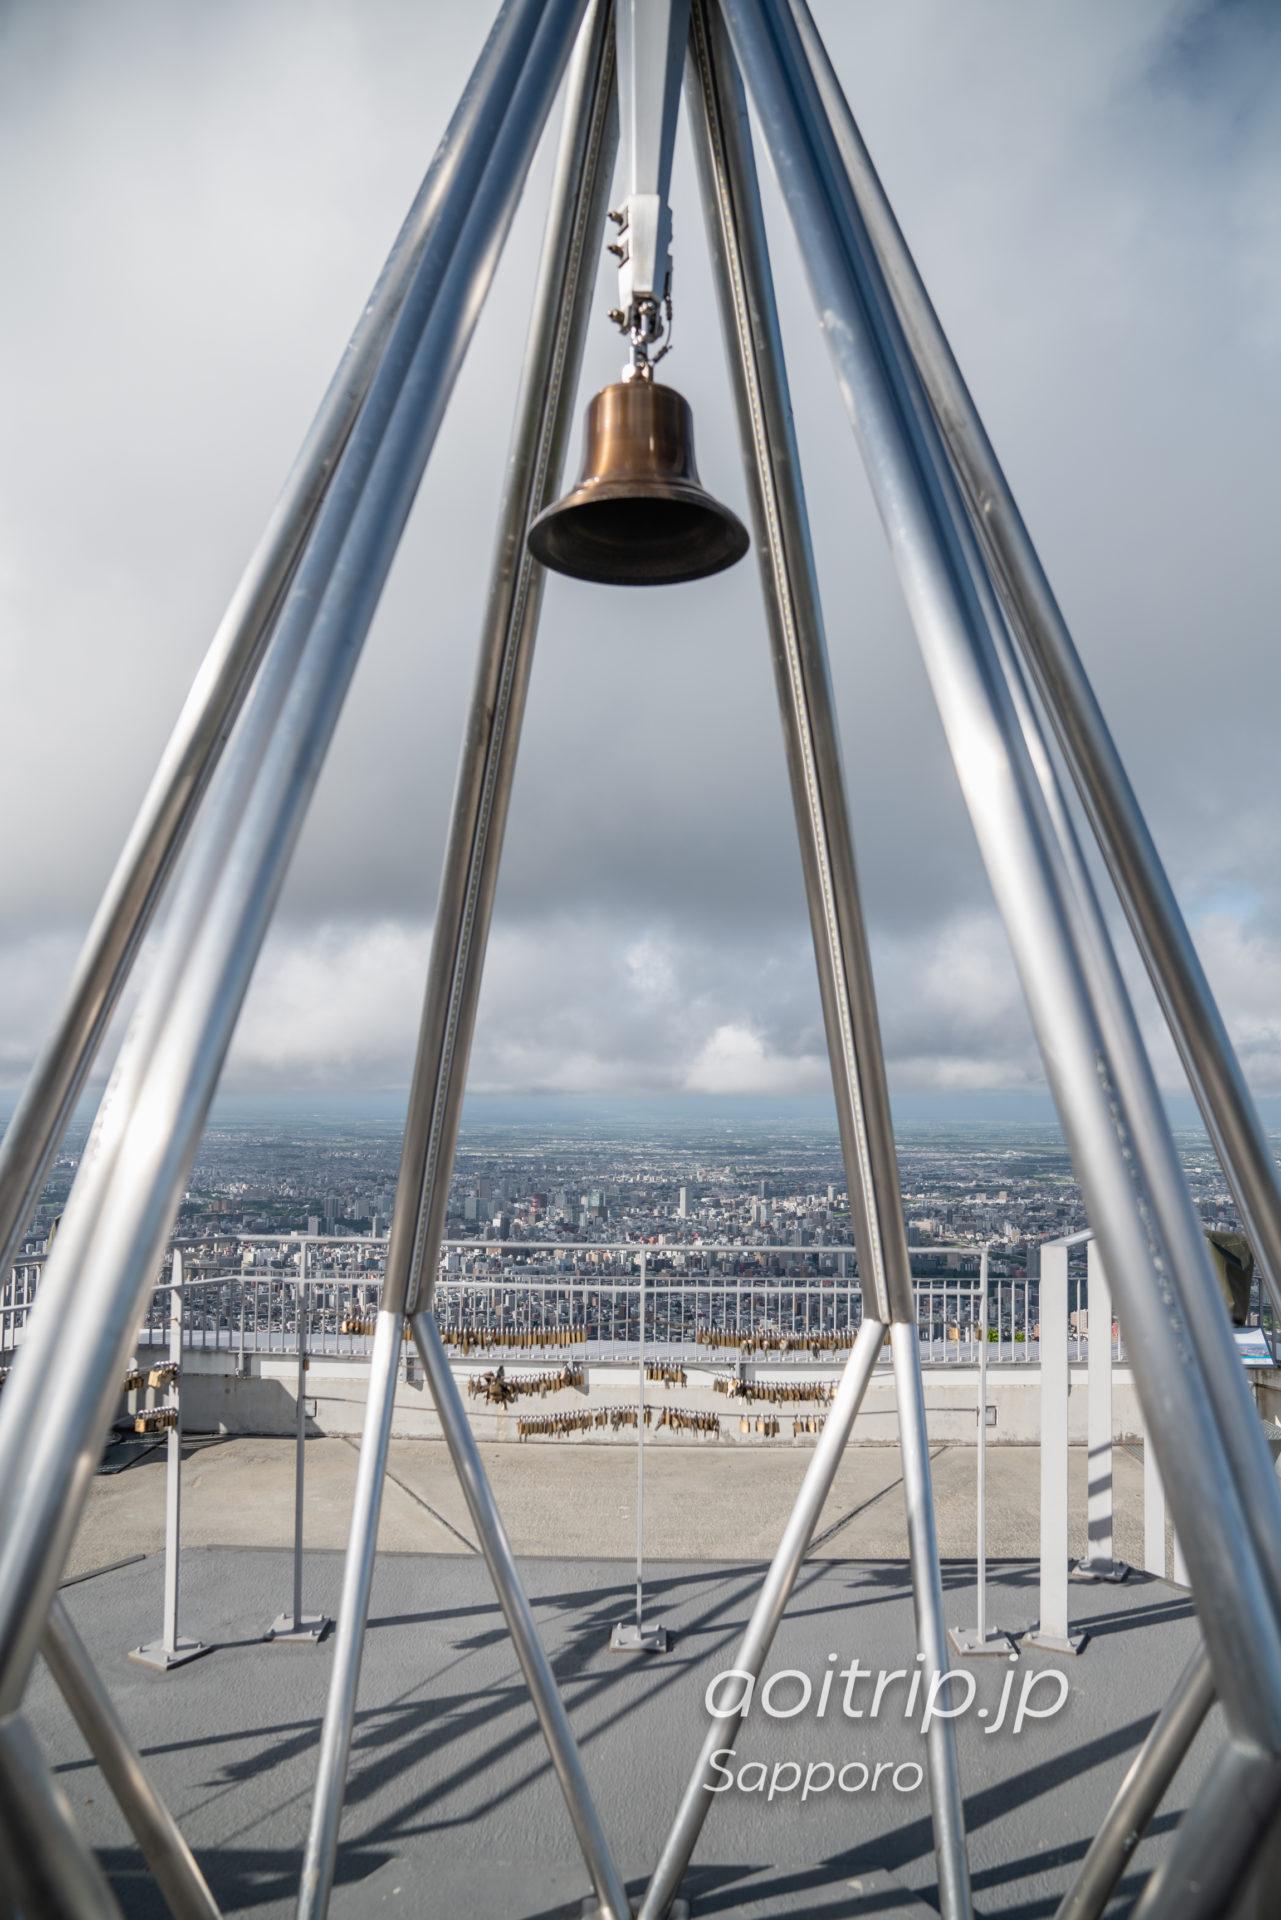 藻岩山展望台から望む幸せの鐘